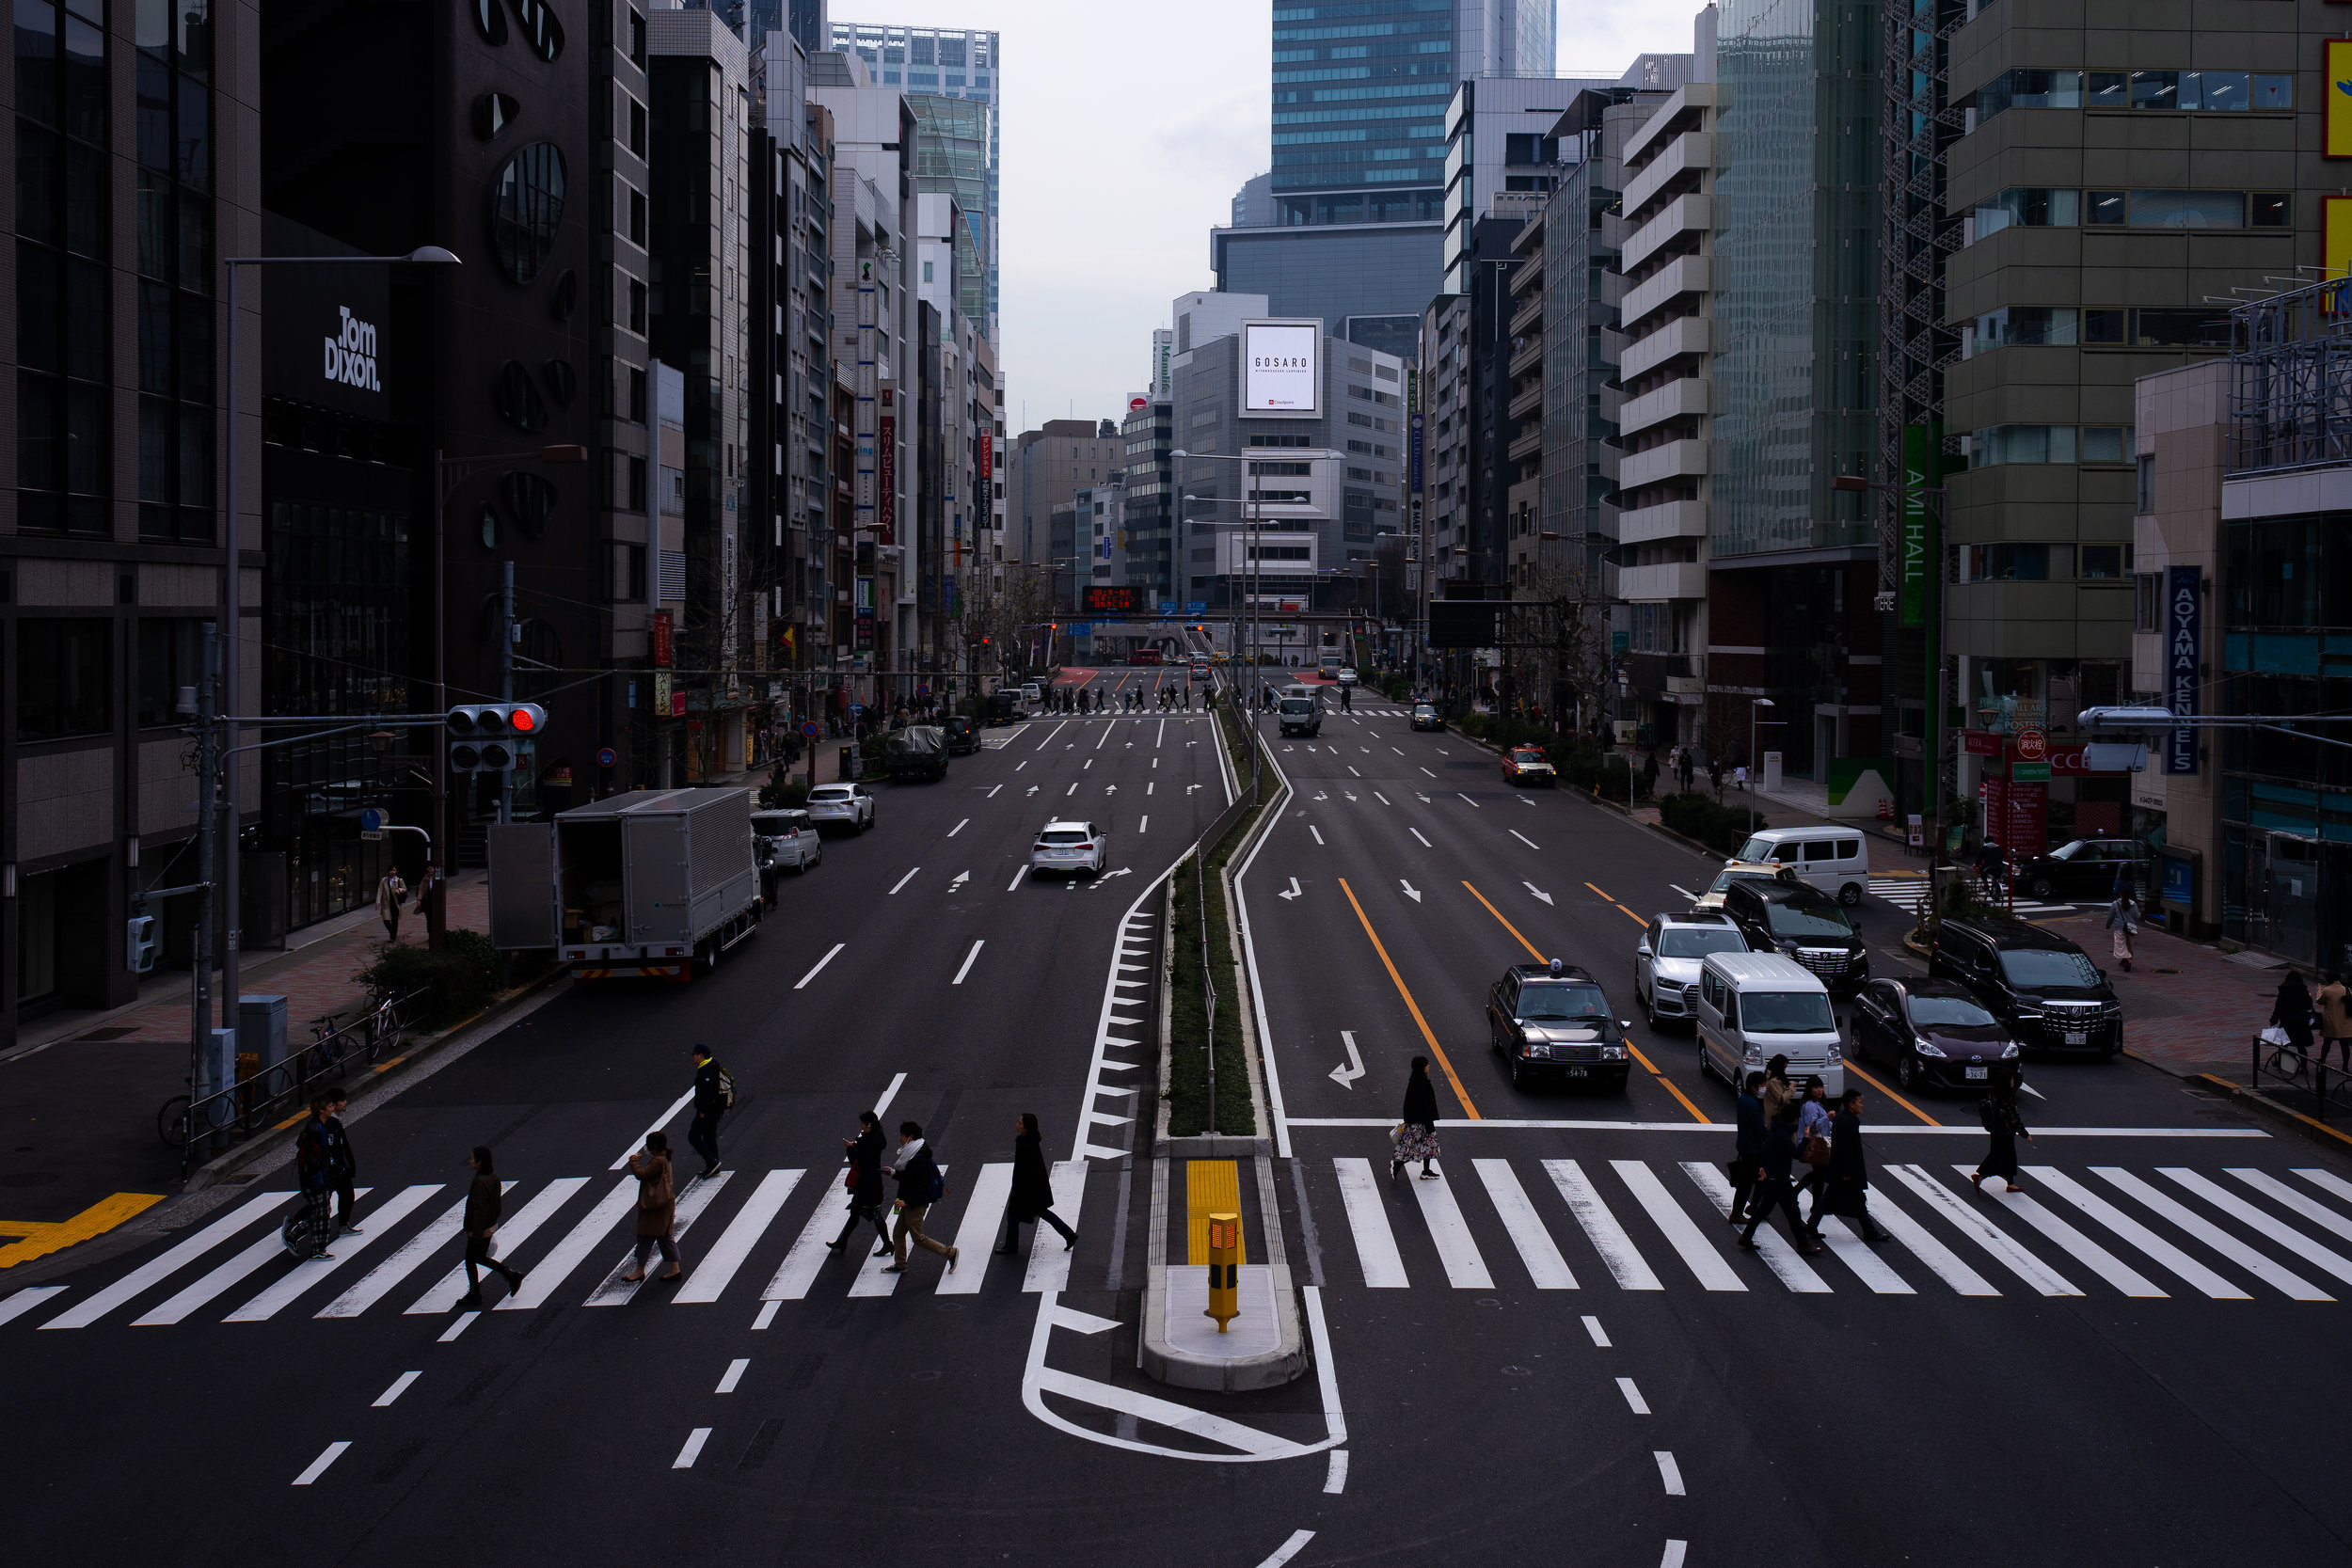 Tokyo Street Crossing.jpg